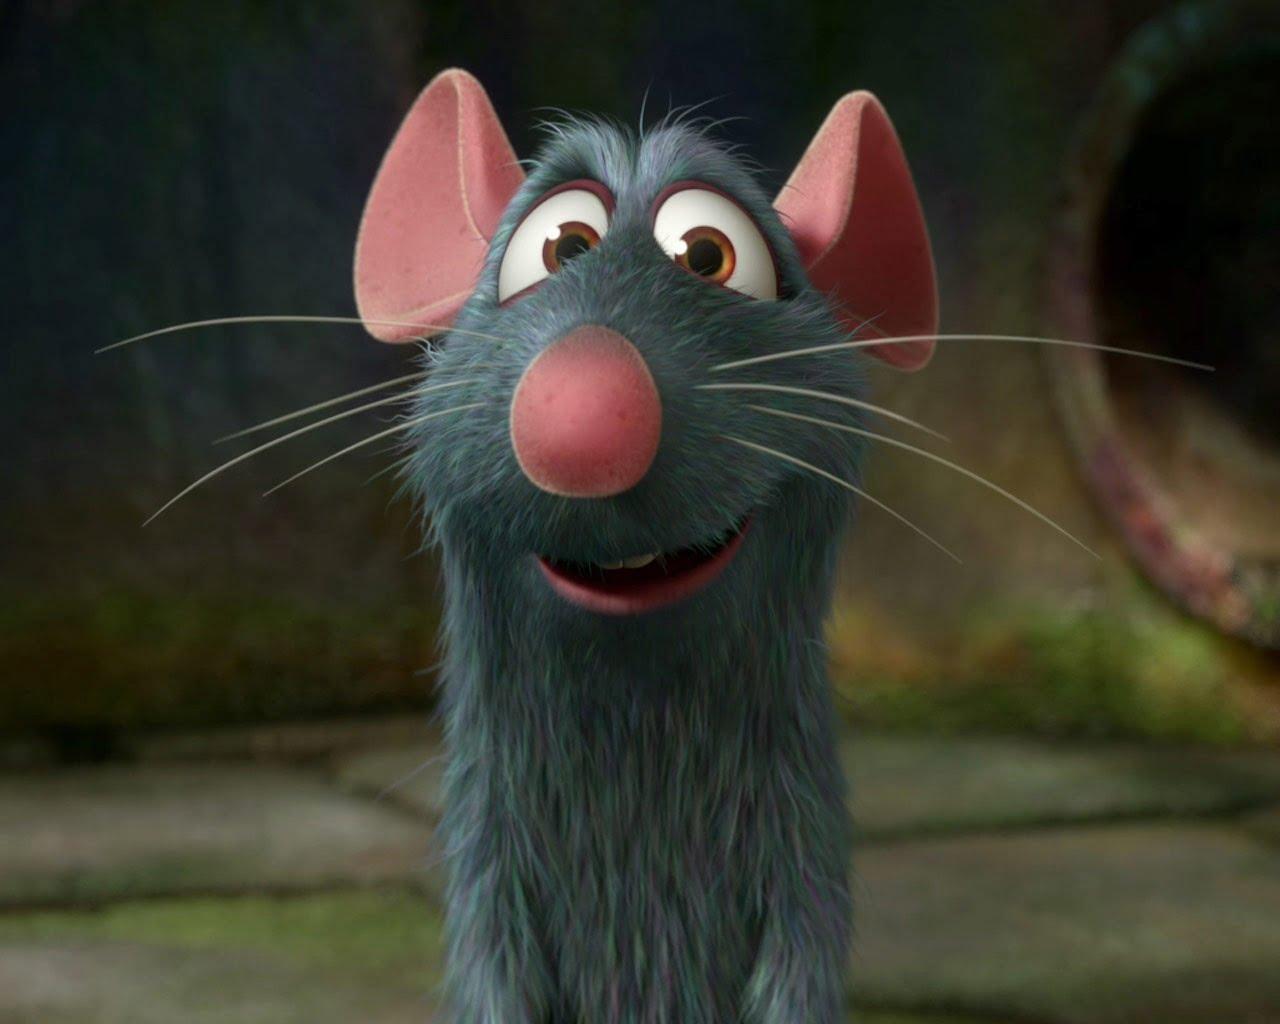 Io e la mia ossessione amore estremo per i topi wdonna